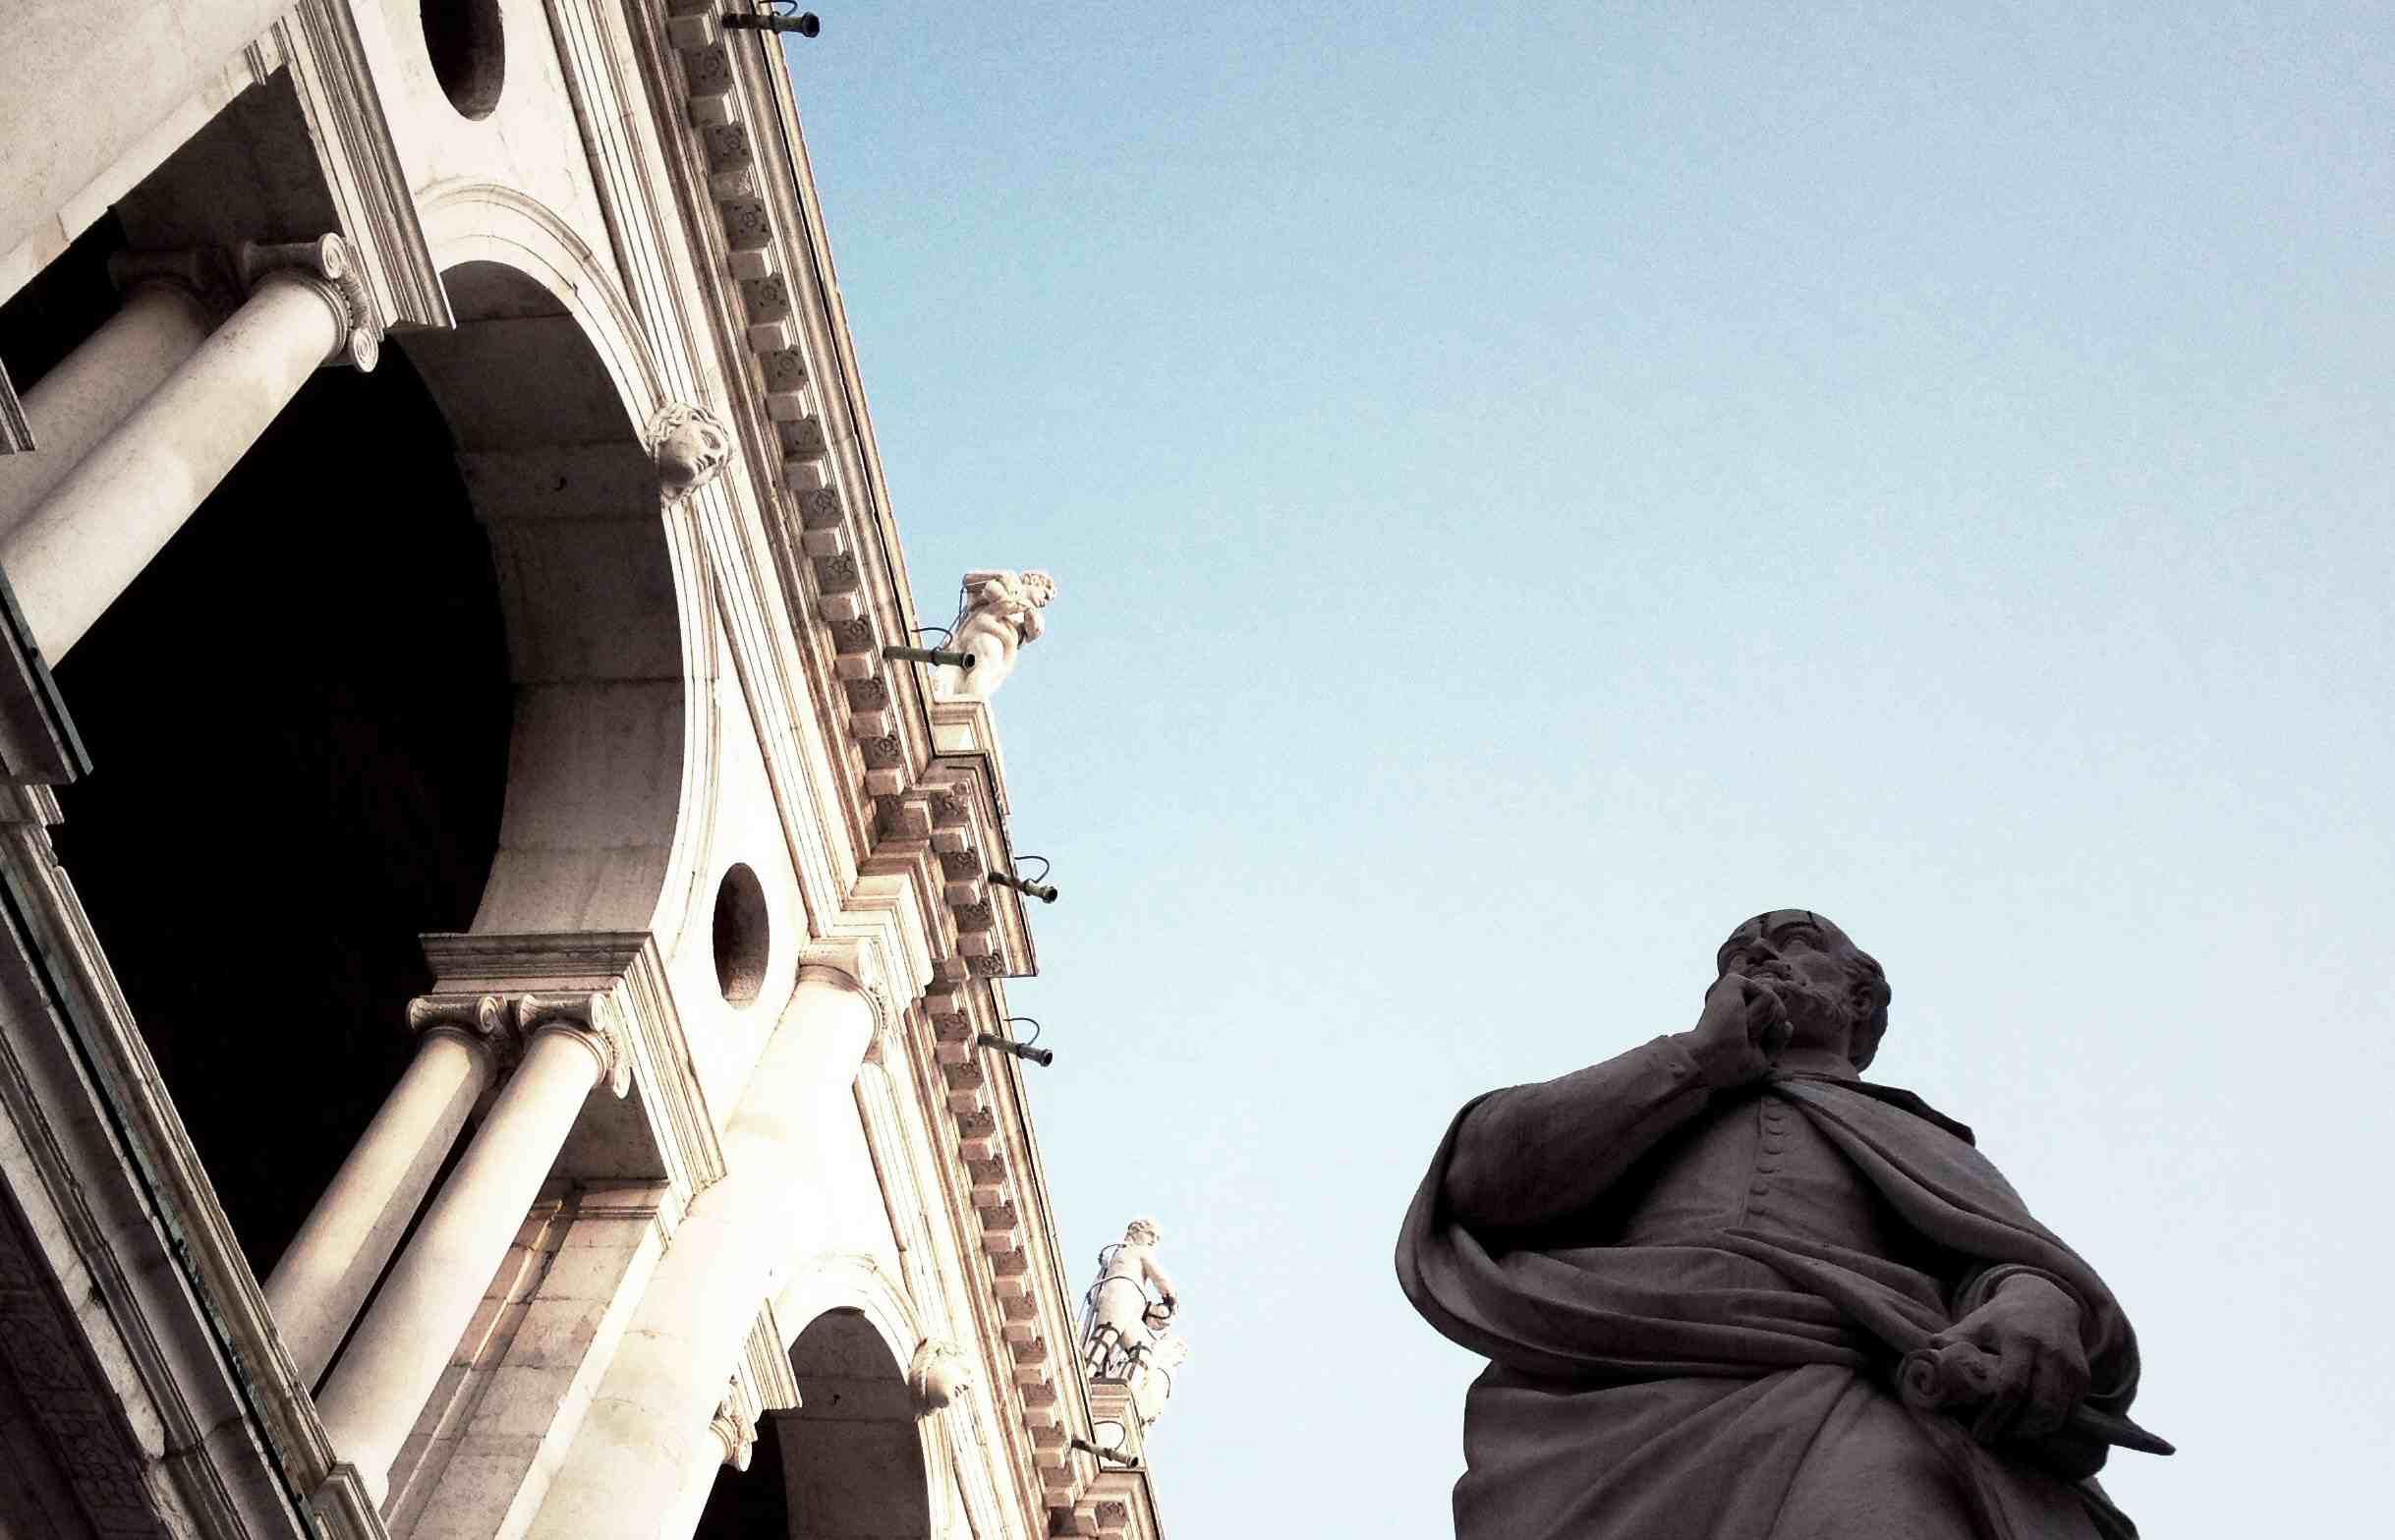 Andrea Palladio's statue near the Basilica Palladiana in Italy